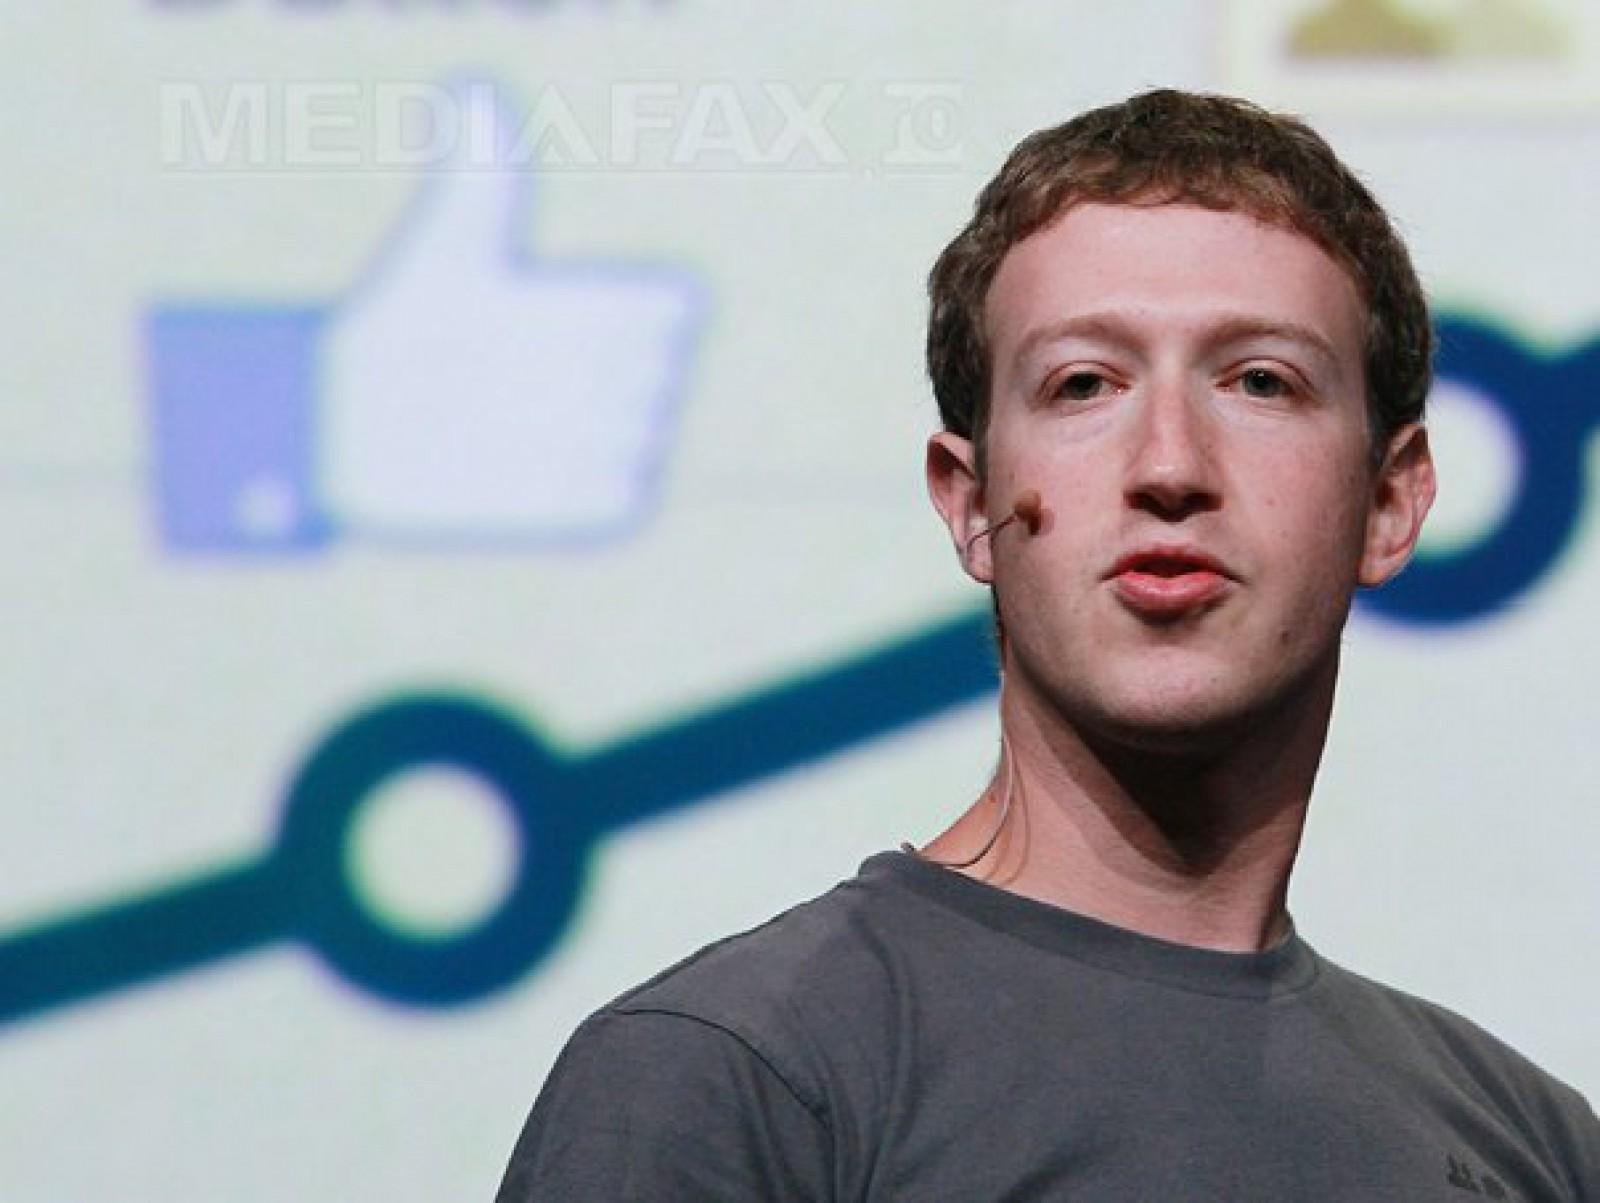 Comisia Europeană propune un impozit comunitar pentru companii precum Google şi Facebook